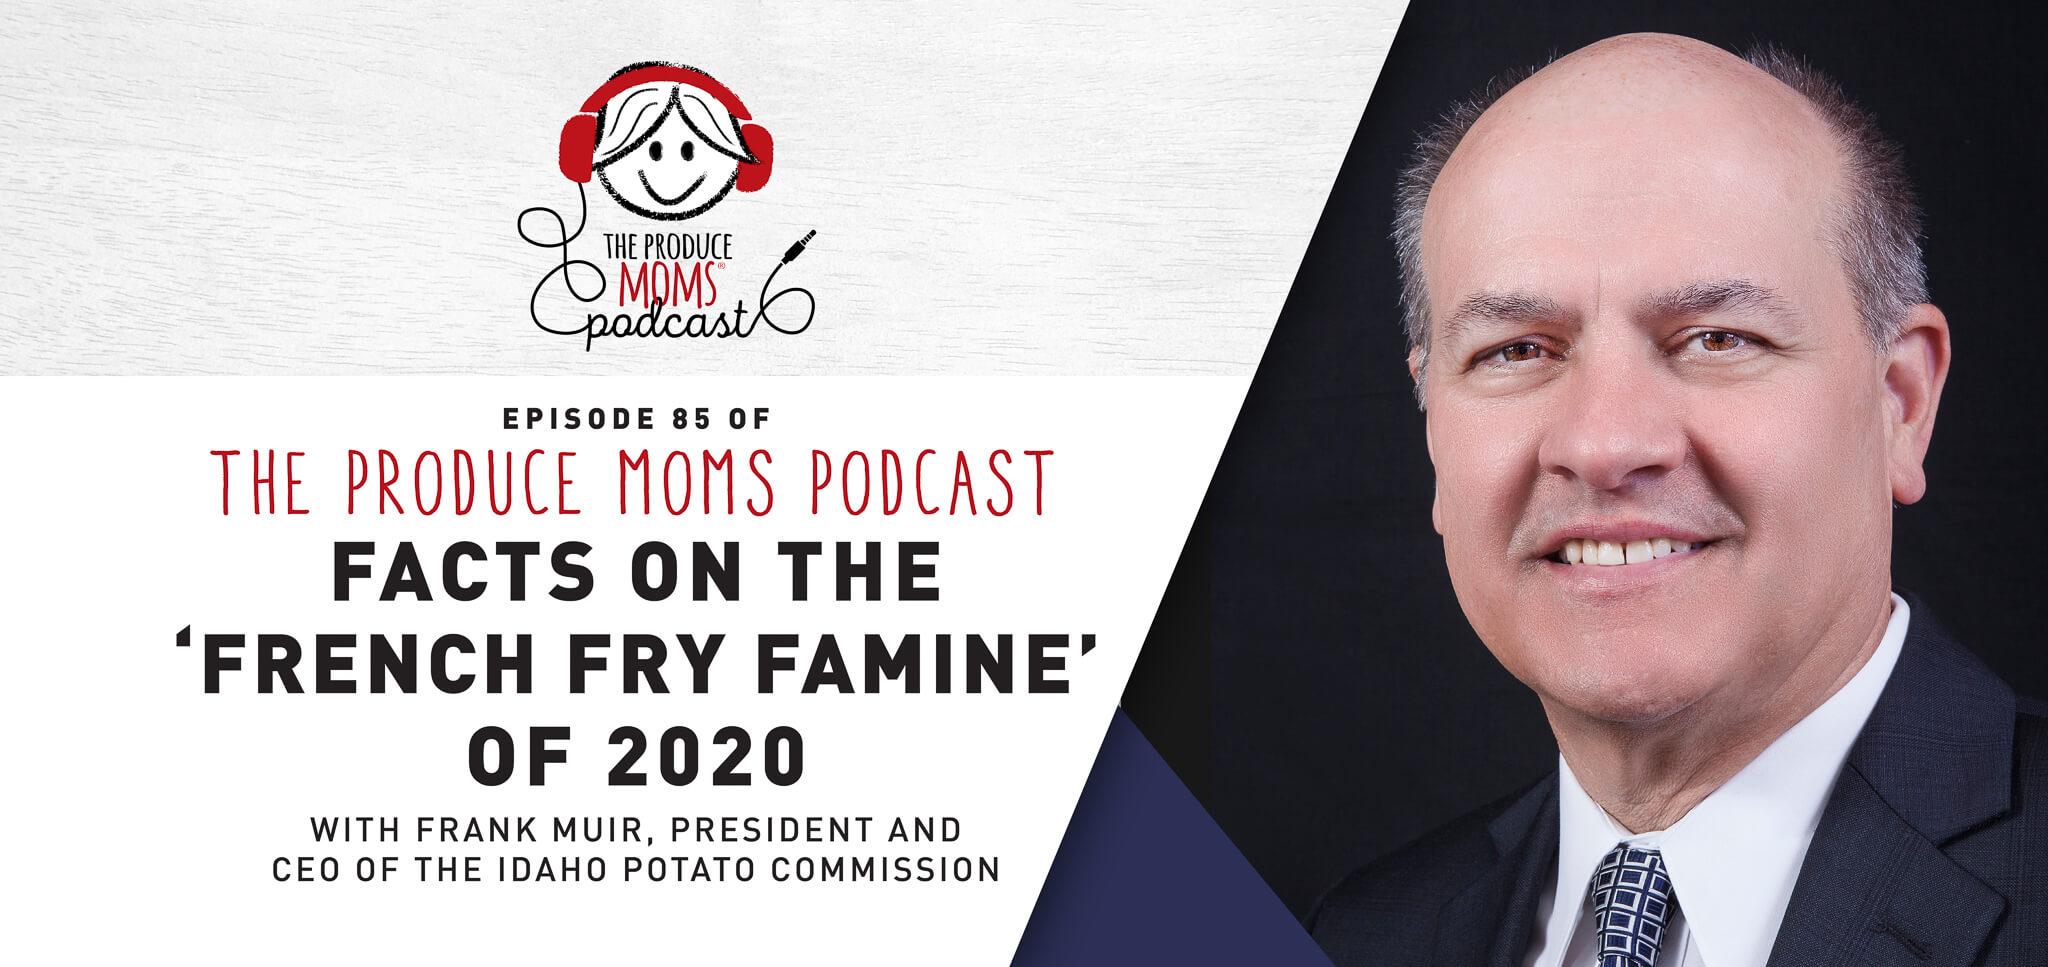 Frank Muir Podcast